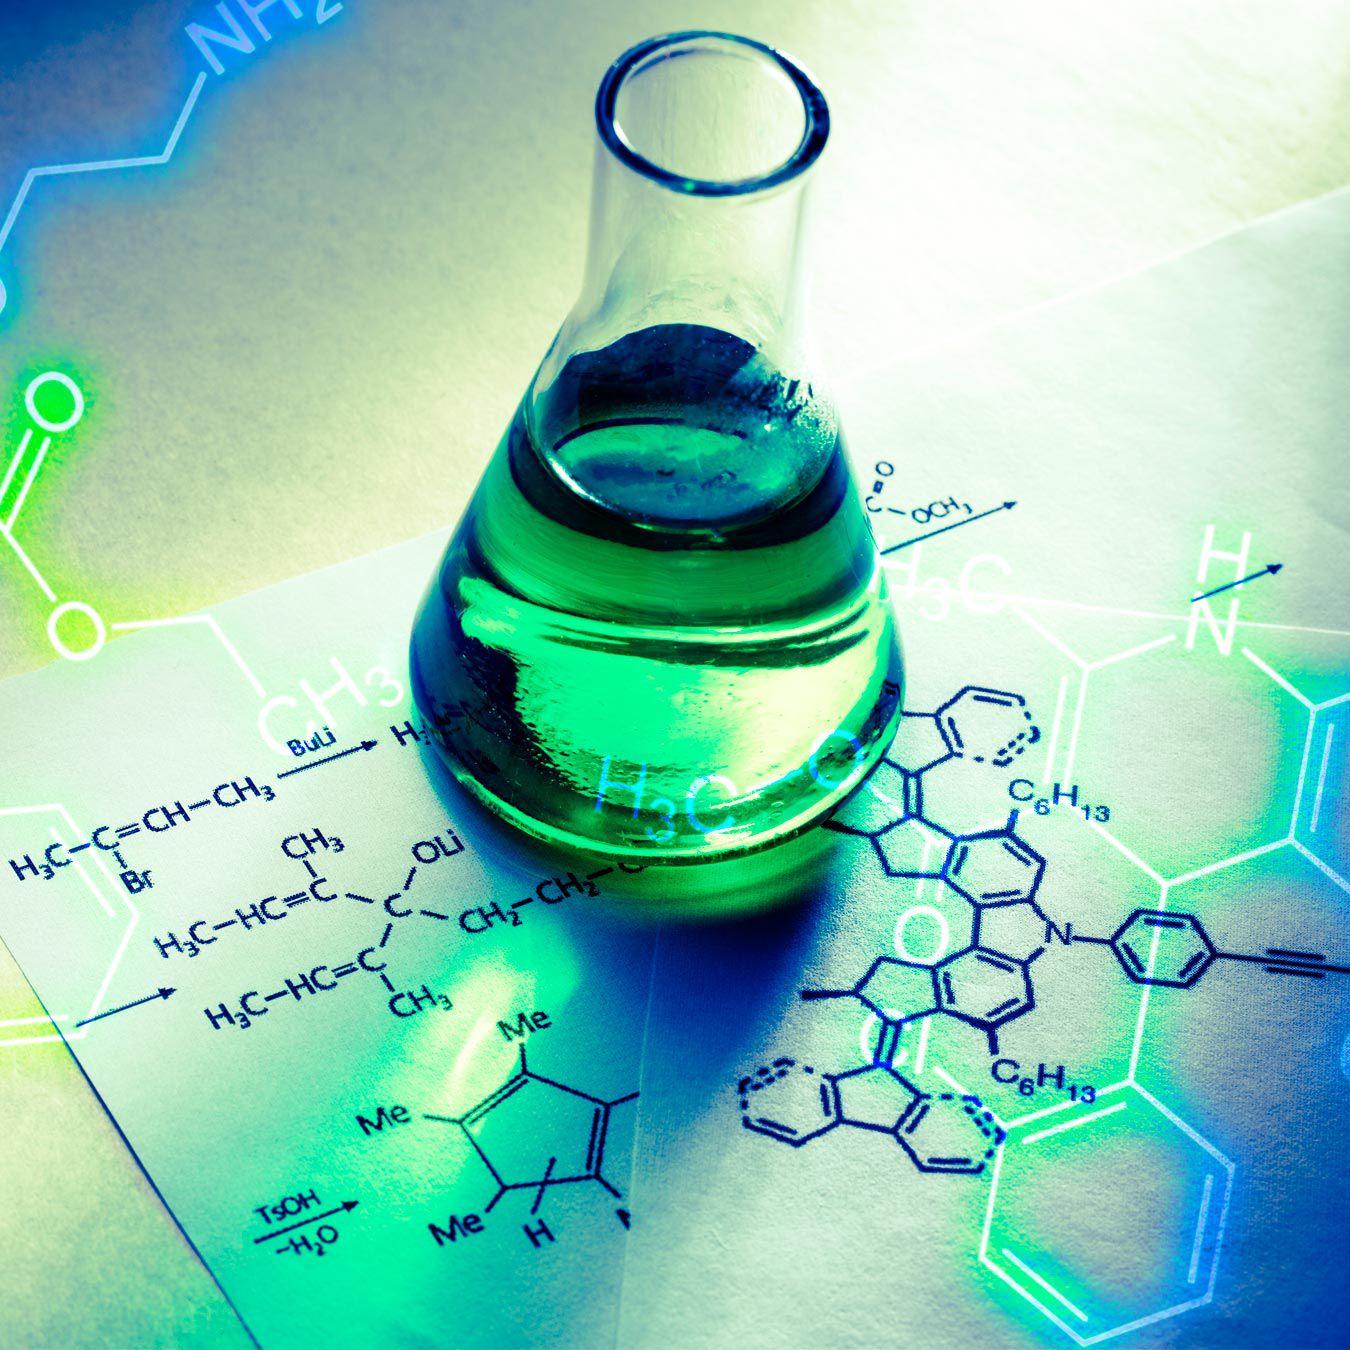 Métodos Sintéticos em Química Orgânica  - PUC Minas